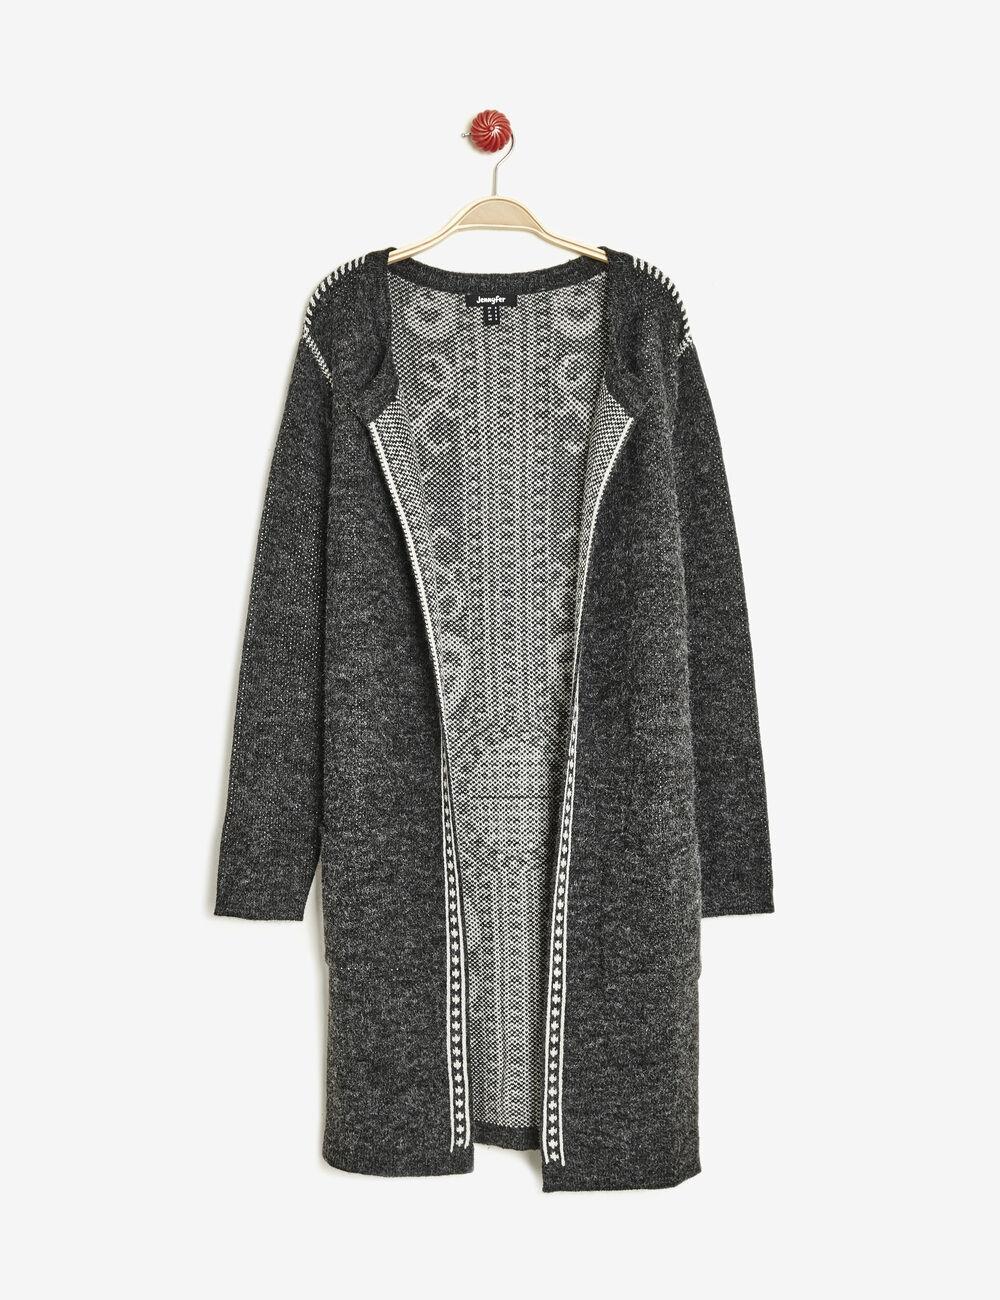 gilet long avec frise dos gris anthracite chin femme jennyfer. Black Bedroom Furniture Sets. Home Design Ideas